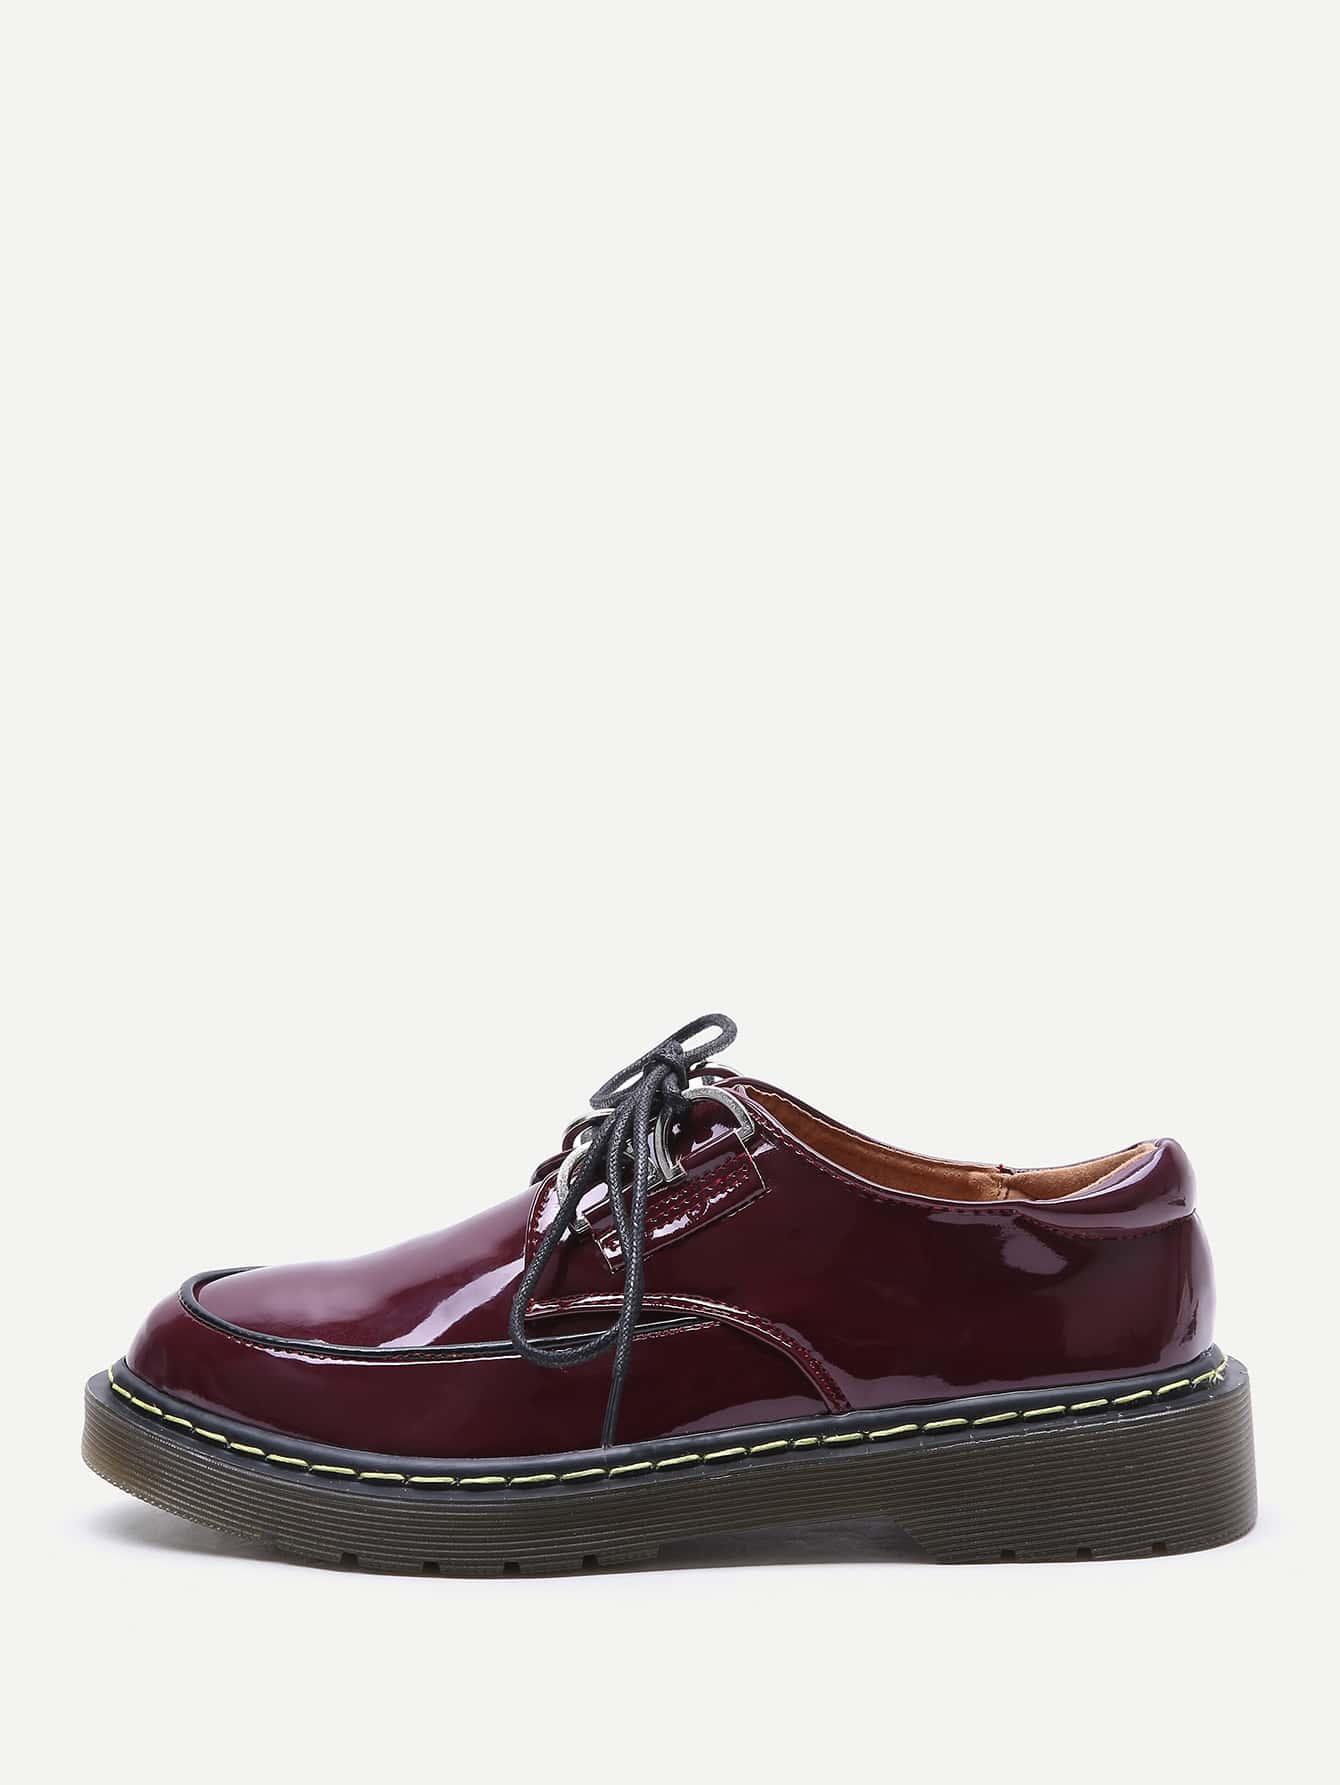 Zapatos de charol con dise o de cordones spanish shein for Diseno de zapatos